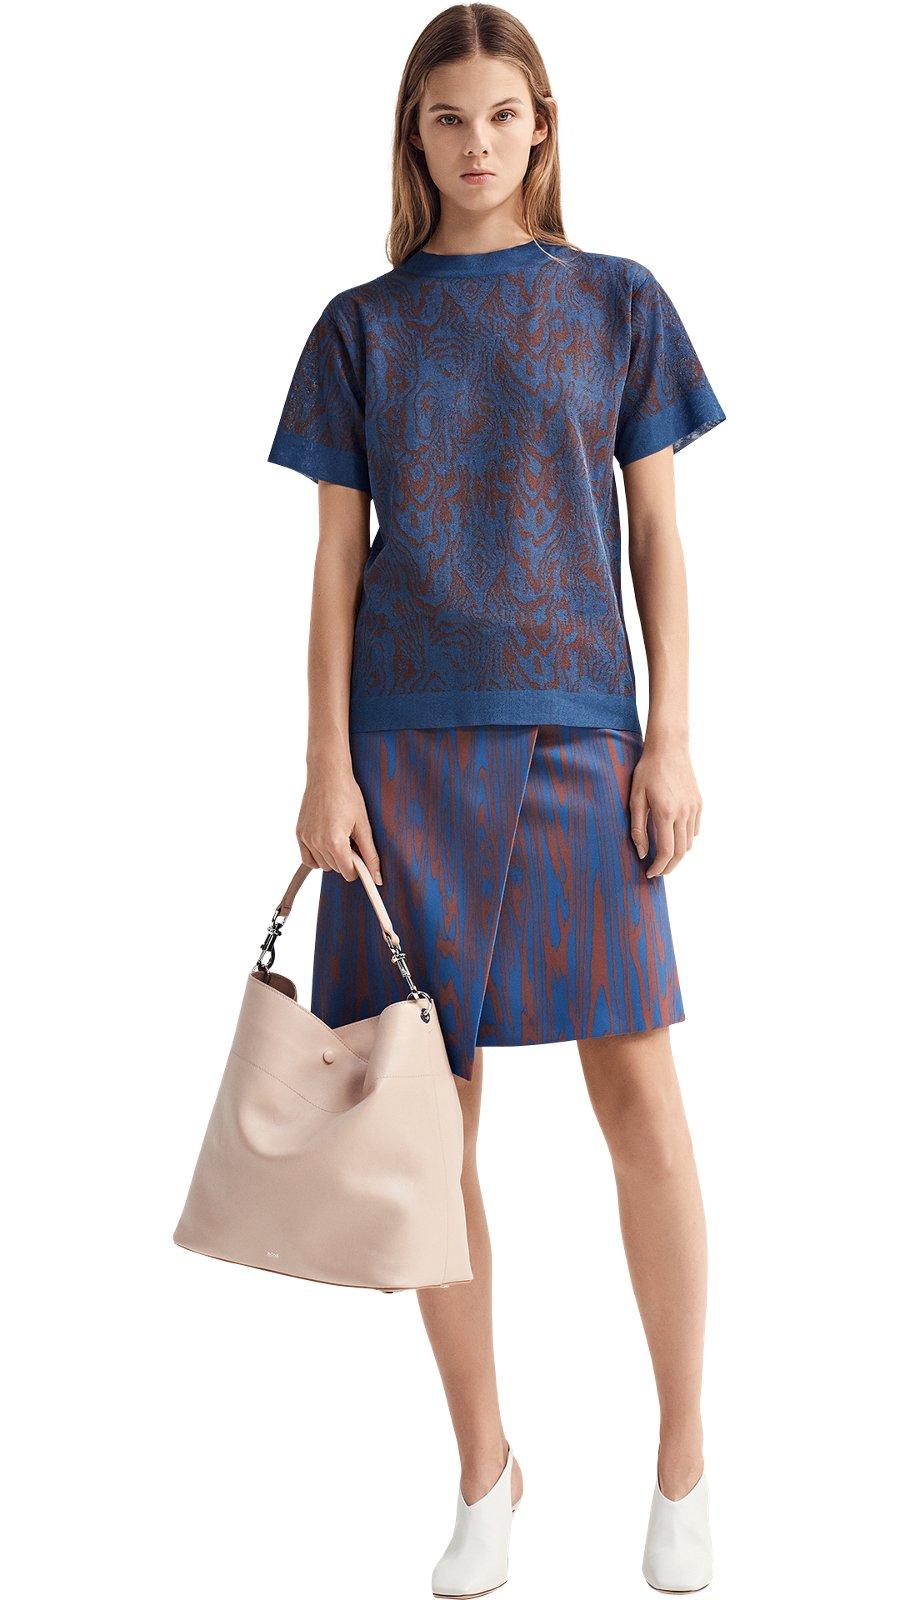 bd2f4fbf2a Modelo femenina con punto azul